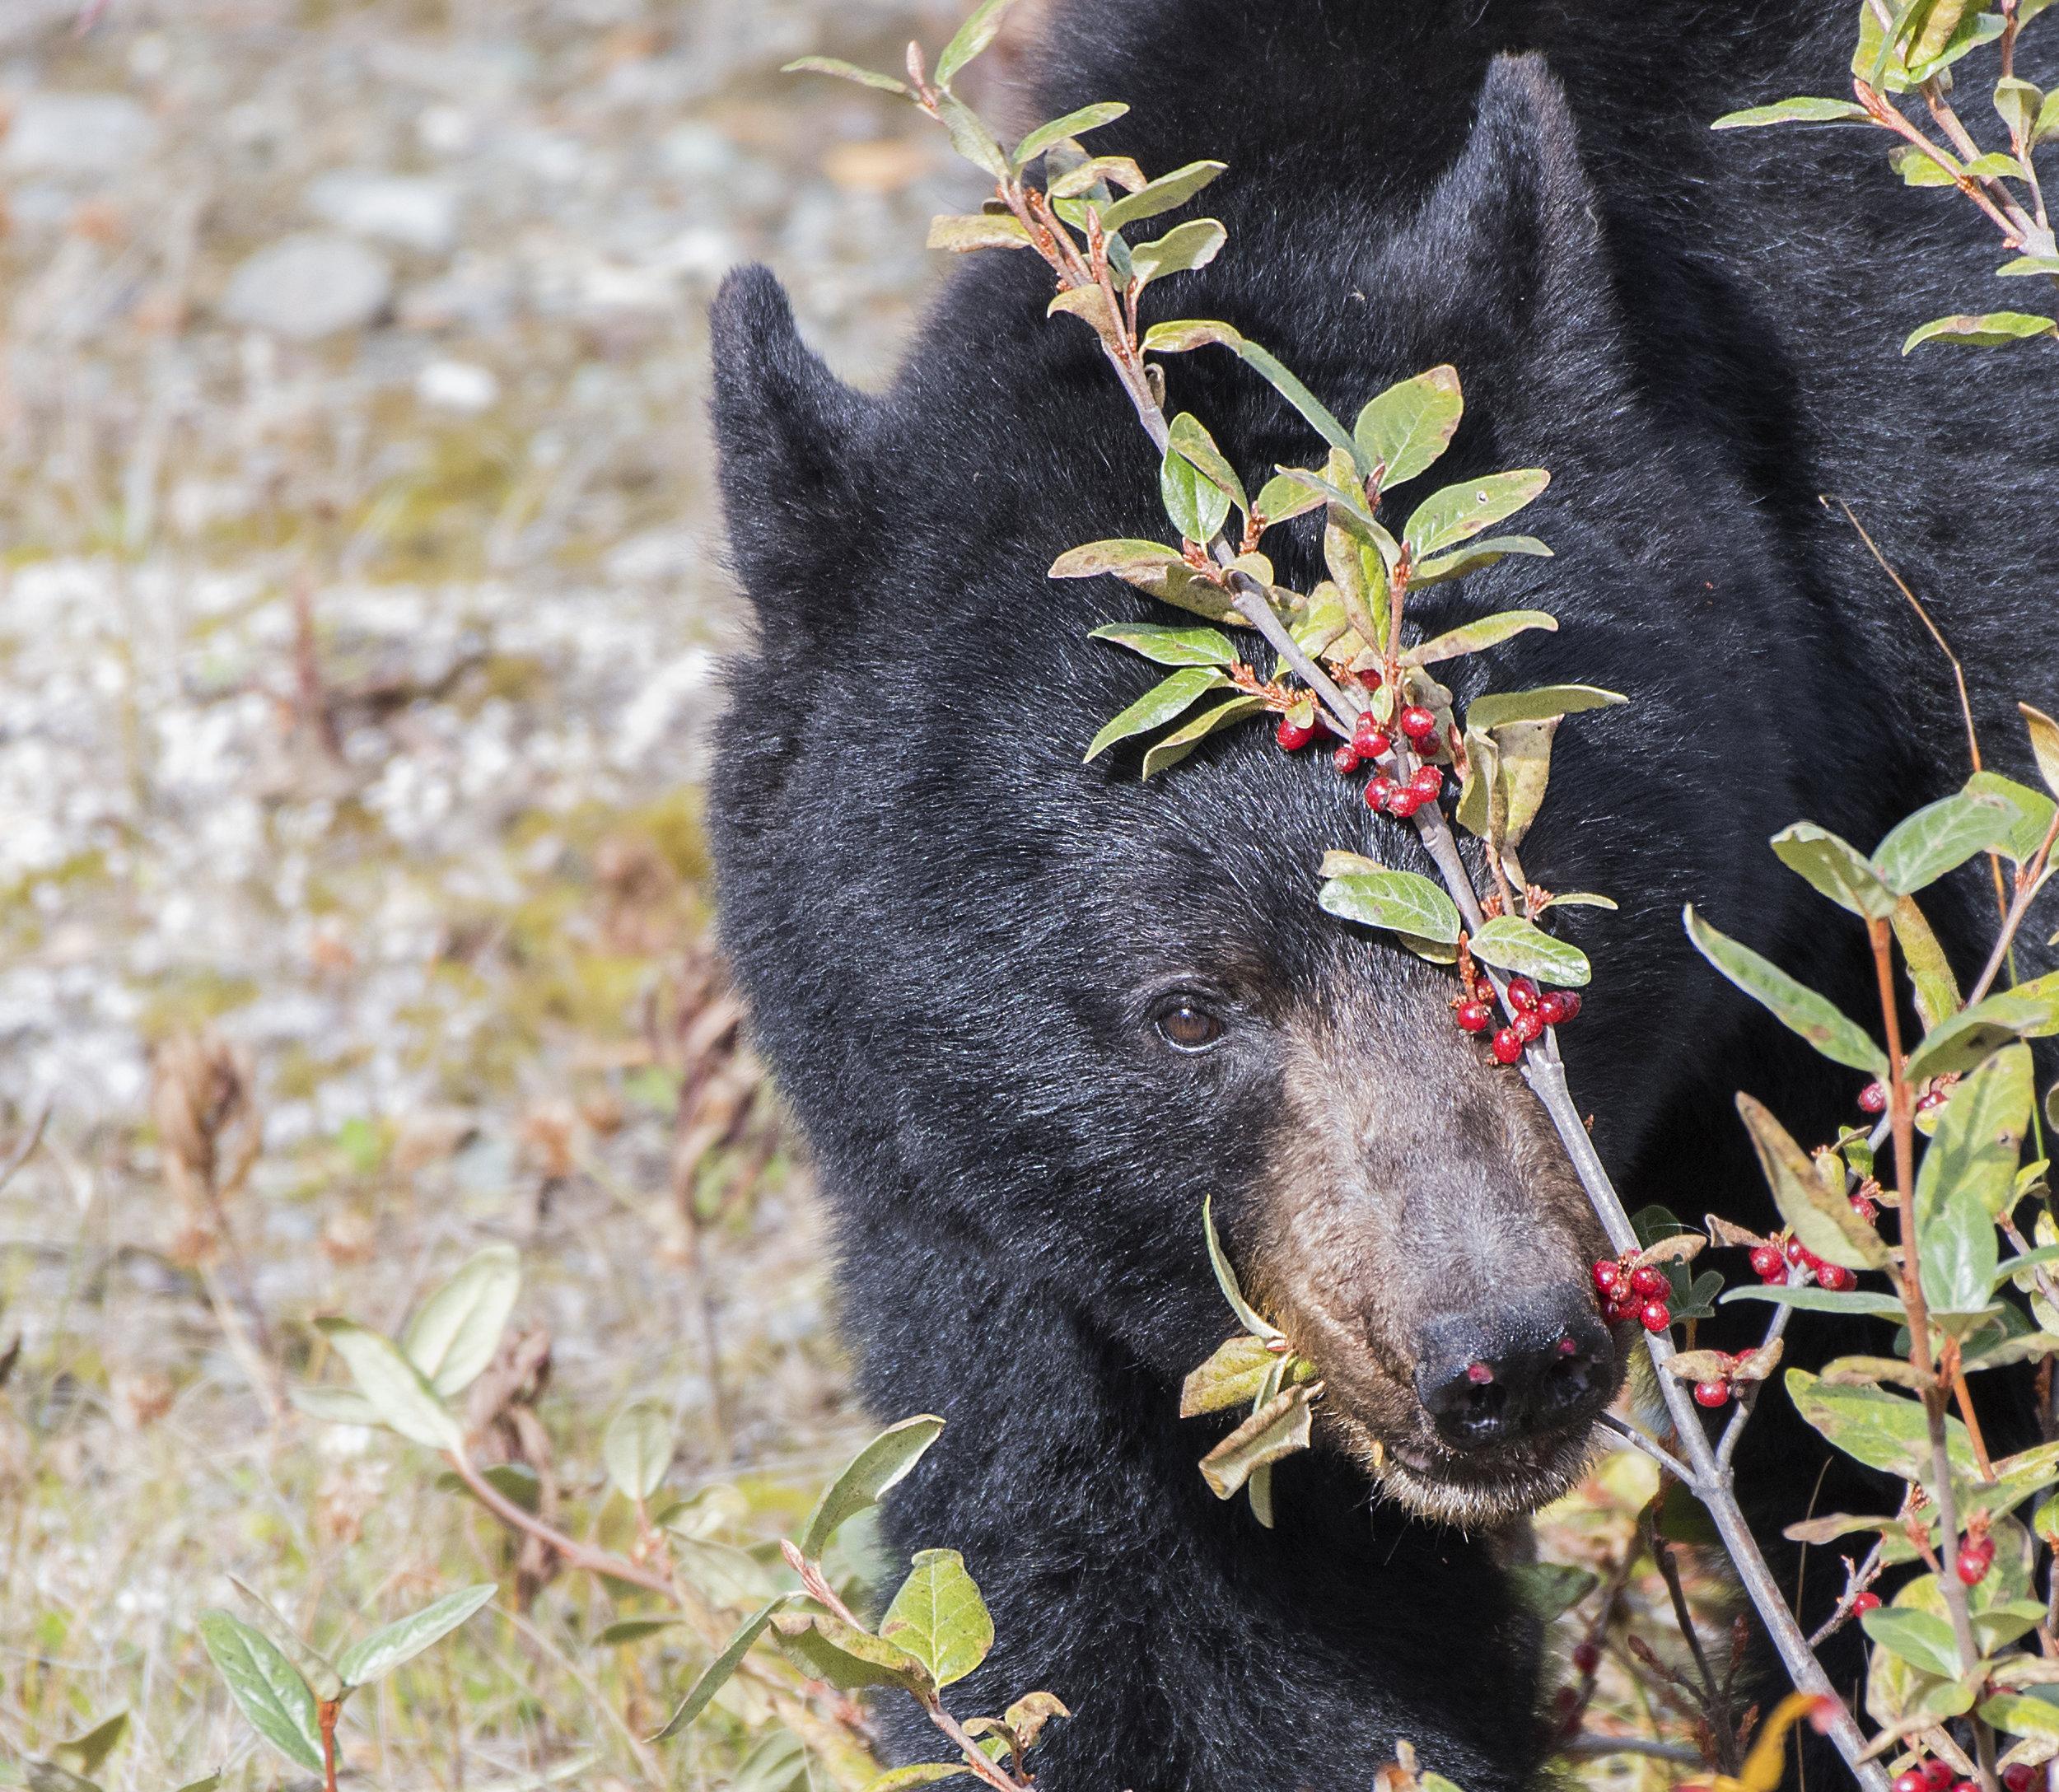 caught eating berries ig crop.jpg